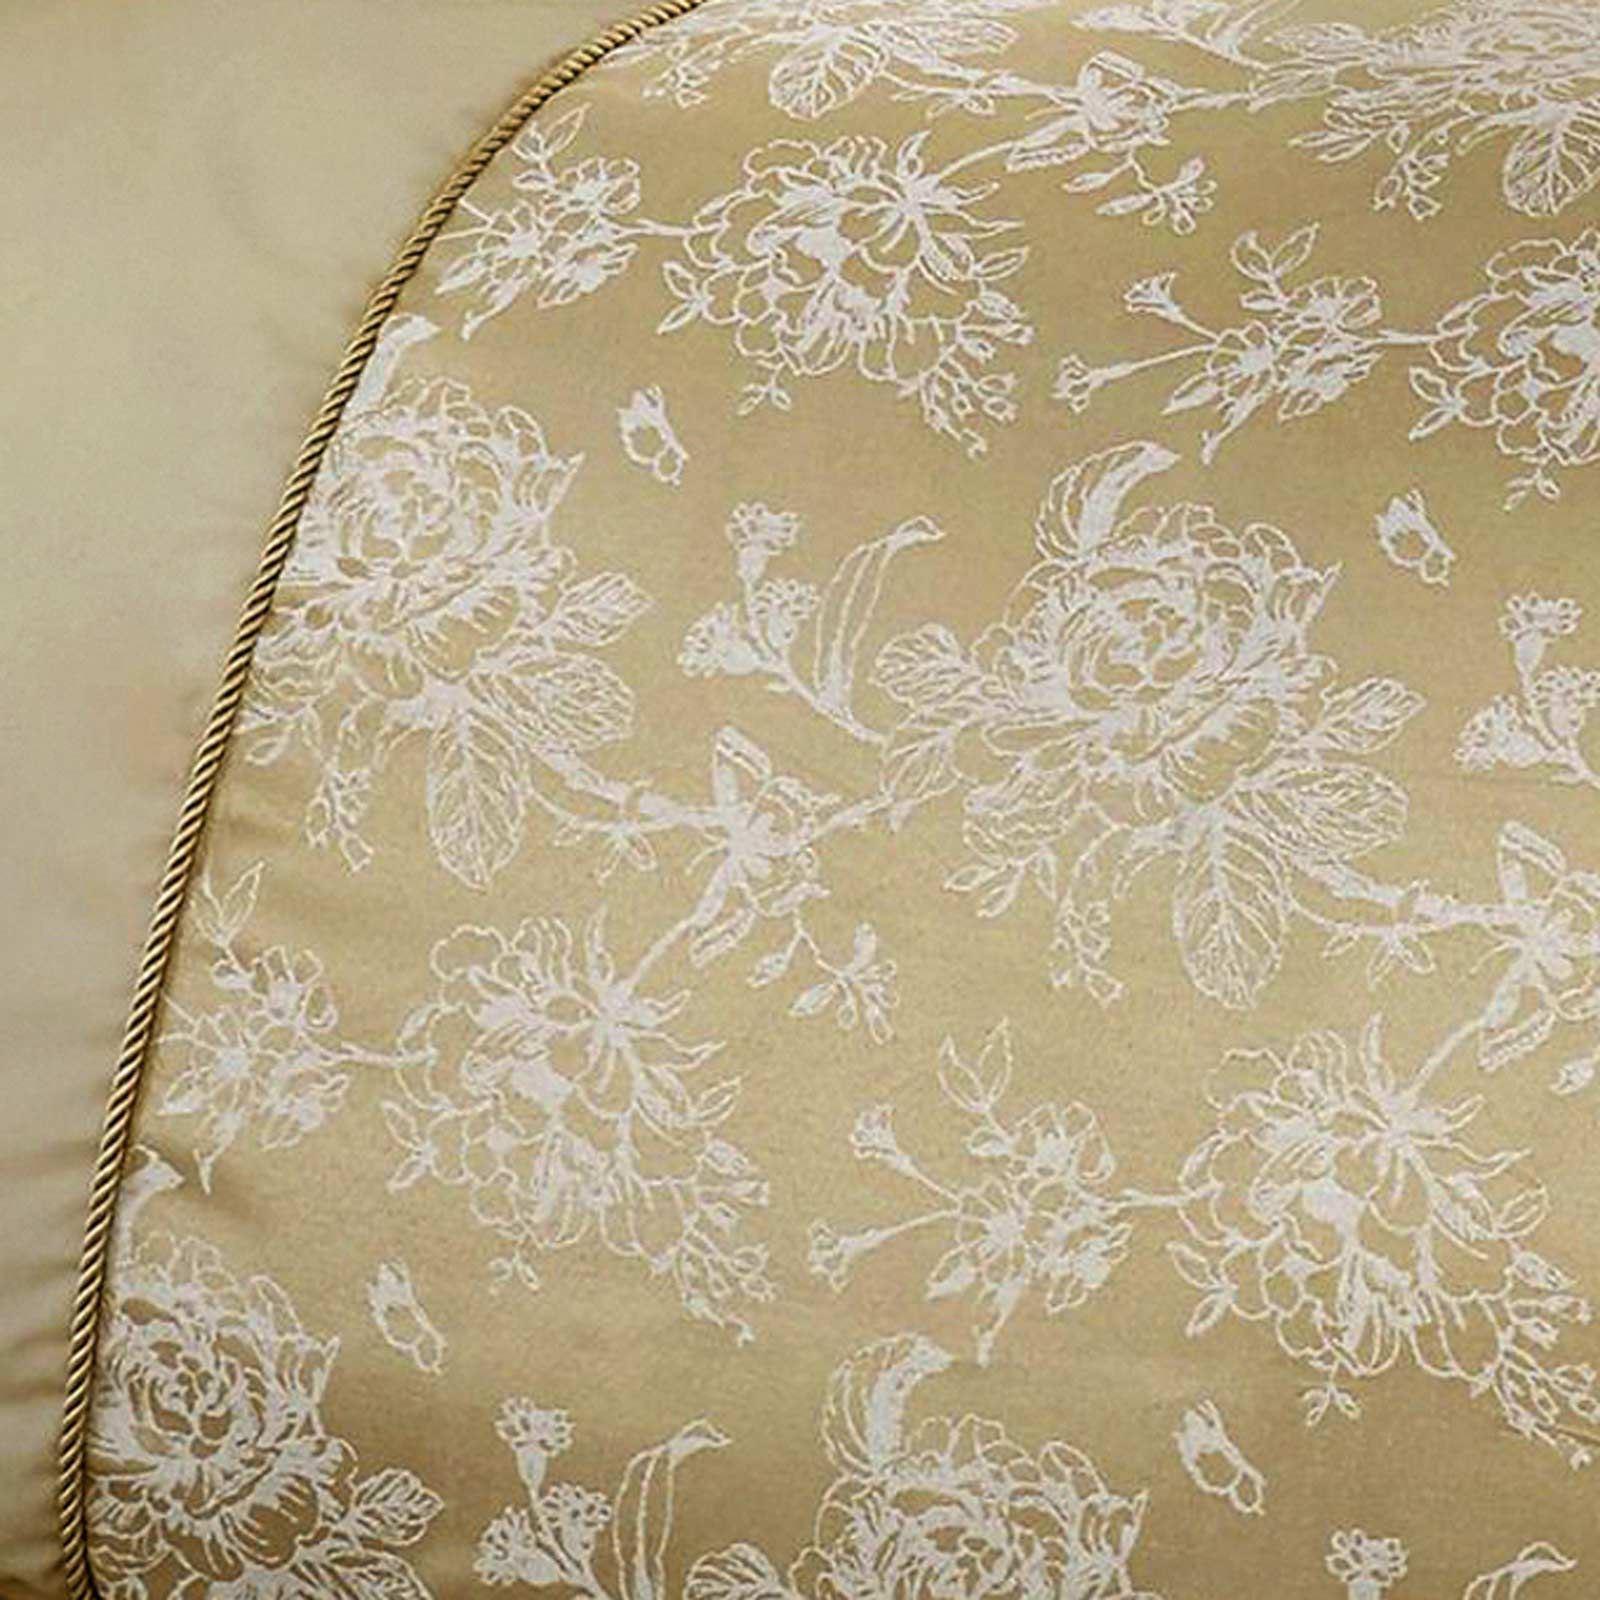 Oro-fundas-nordicas-Jasmine-floral-del-damasco-Edredon-Conjuntos-de-Lujo-Coleccion-de-ropa-de-cama miniatura 12